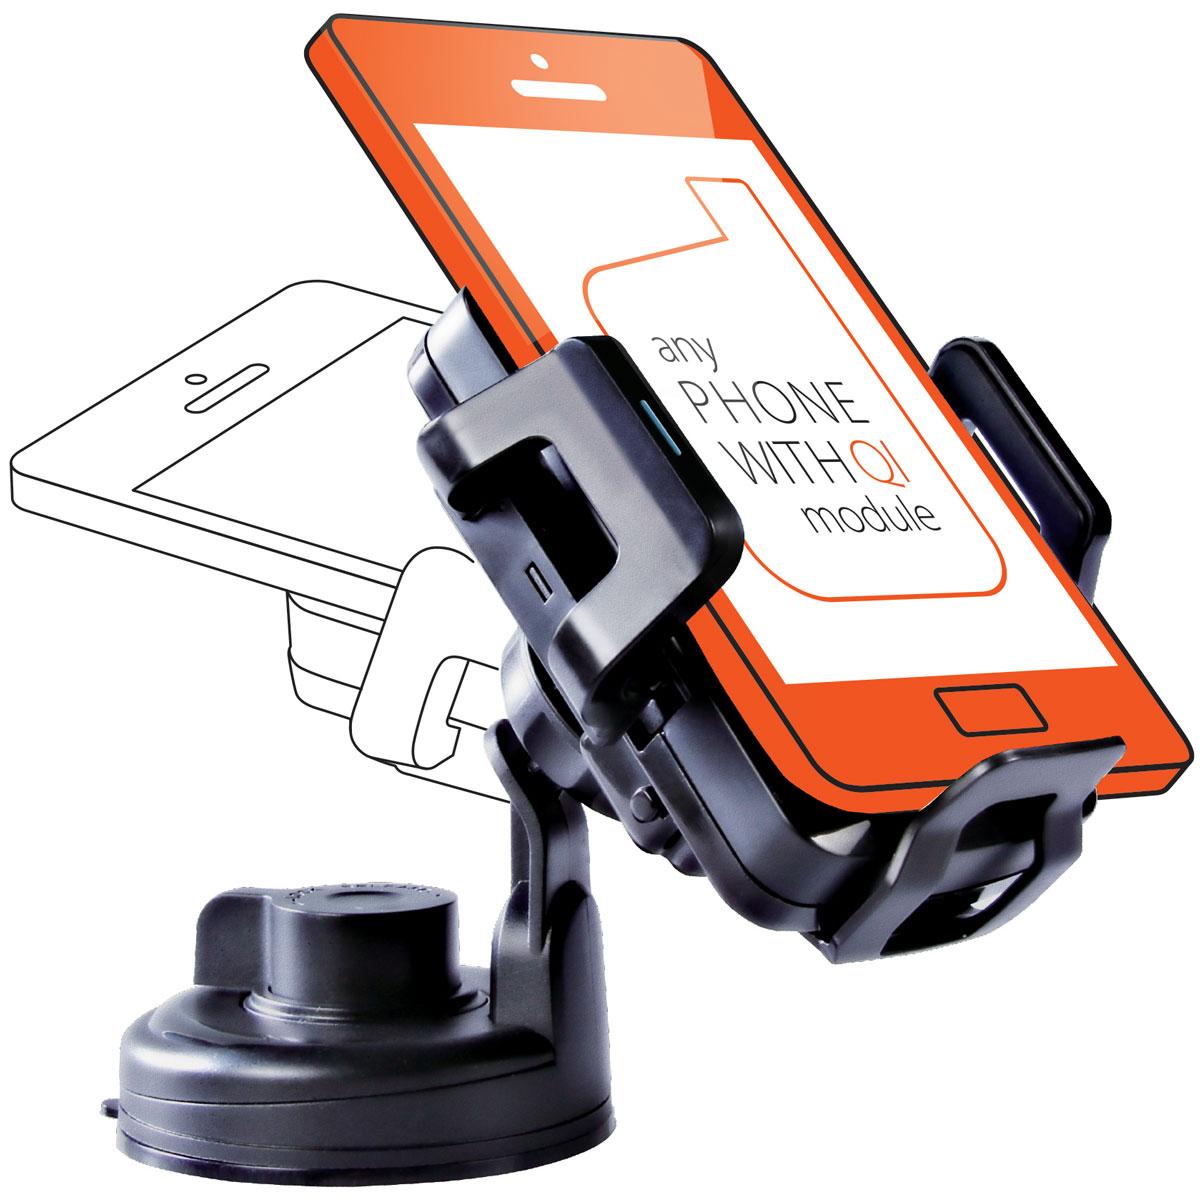 UPVEL UQ-TA01 Stingray, Black автомобильное беспроводное зарядное устройство стандарта QiUQ-TA01 STINGRAYЗабудьте о вечно занятых руках, разряженных аккумуляторах и о нервных поисках закатившегося под сиденье смартфона!Беспроводное зарядное устройство UPVEL UQ-TA01 специально разработано для использования в салоне автомобиля. Регулируемые крепления позволяют разместить смартфон точно в центре для максимальной эффективности заряда и не дадут ему упасть.Различные варианты крепления зарядного устройства в салоне и поворотная зарядная панель помогут расположить смартфон максимально удобно и надёжно.Монтируется на присоске либо на вентиляционной решеткеПодходит для большинства мобильных устройств с диагональю до 5 дюймовСовместим со всеми модулями беспроводной зарядки стандарта QiЭффективность: 500 мАчРасстояние для зарядки: до 5-7 мм